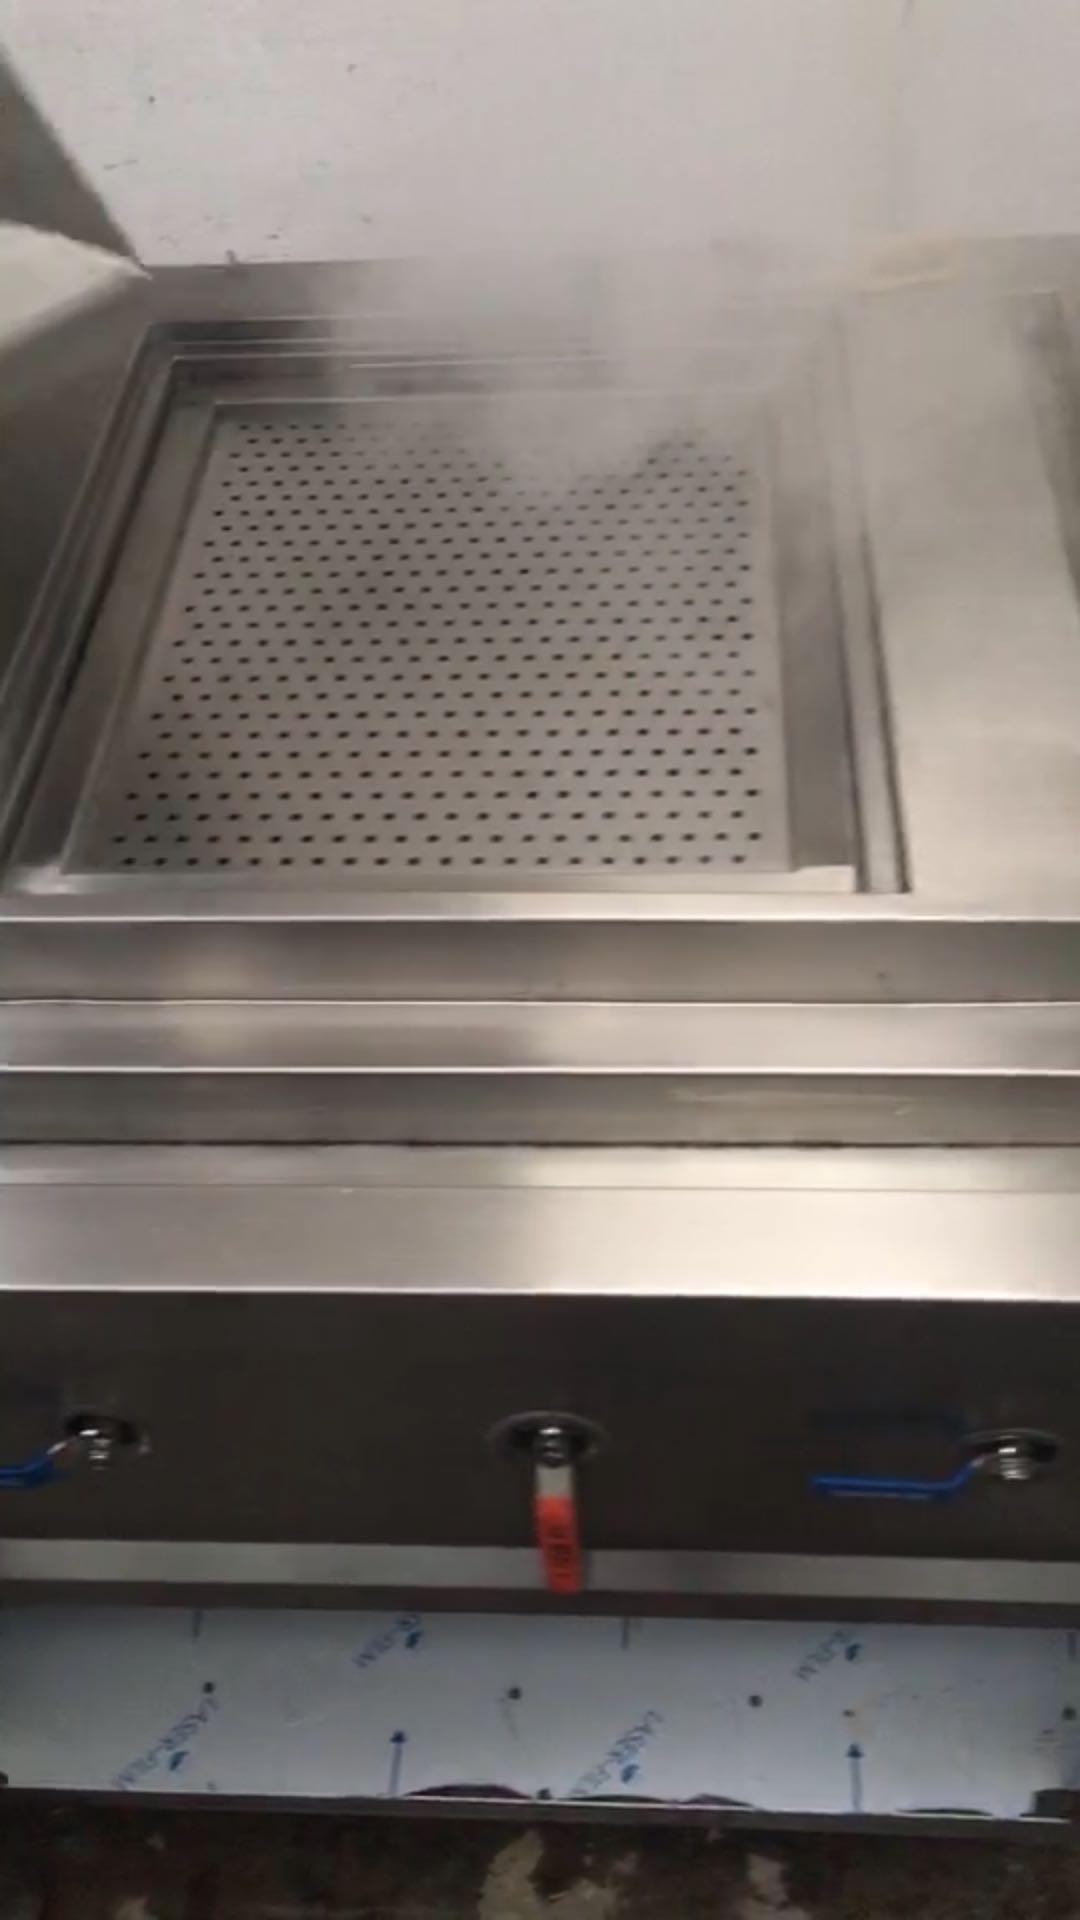 电独立夹层锅 智能电独立煲粥炉 一体化电独立高汤锅